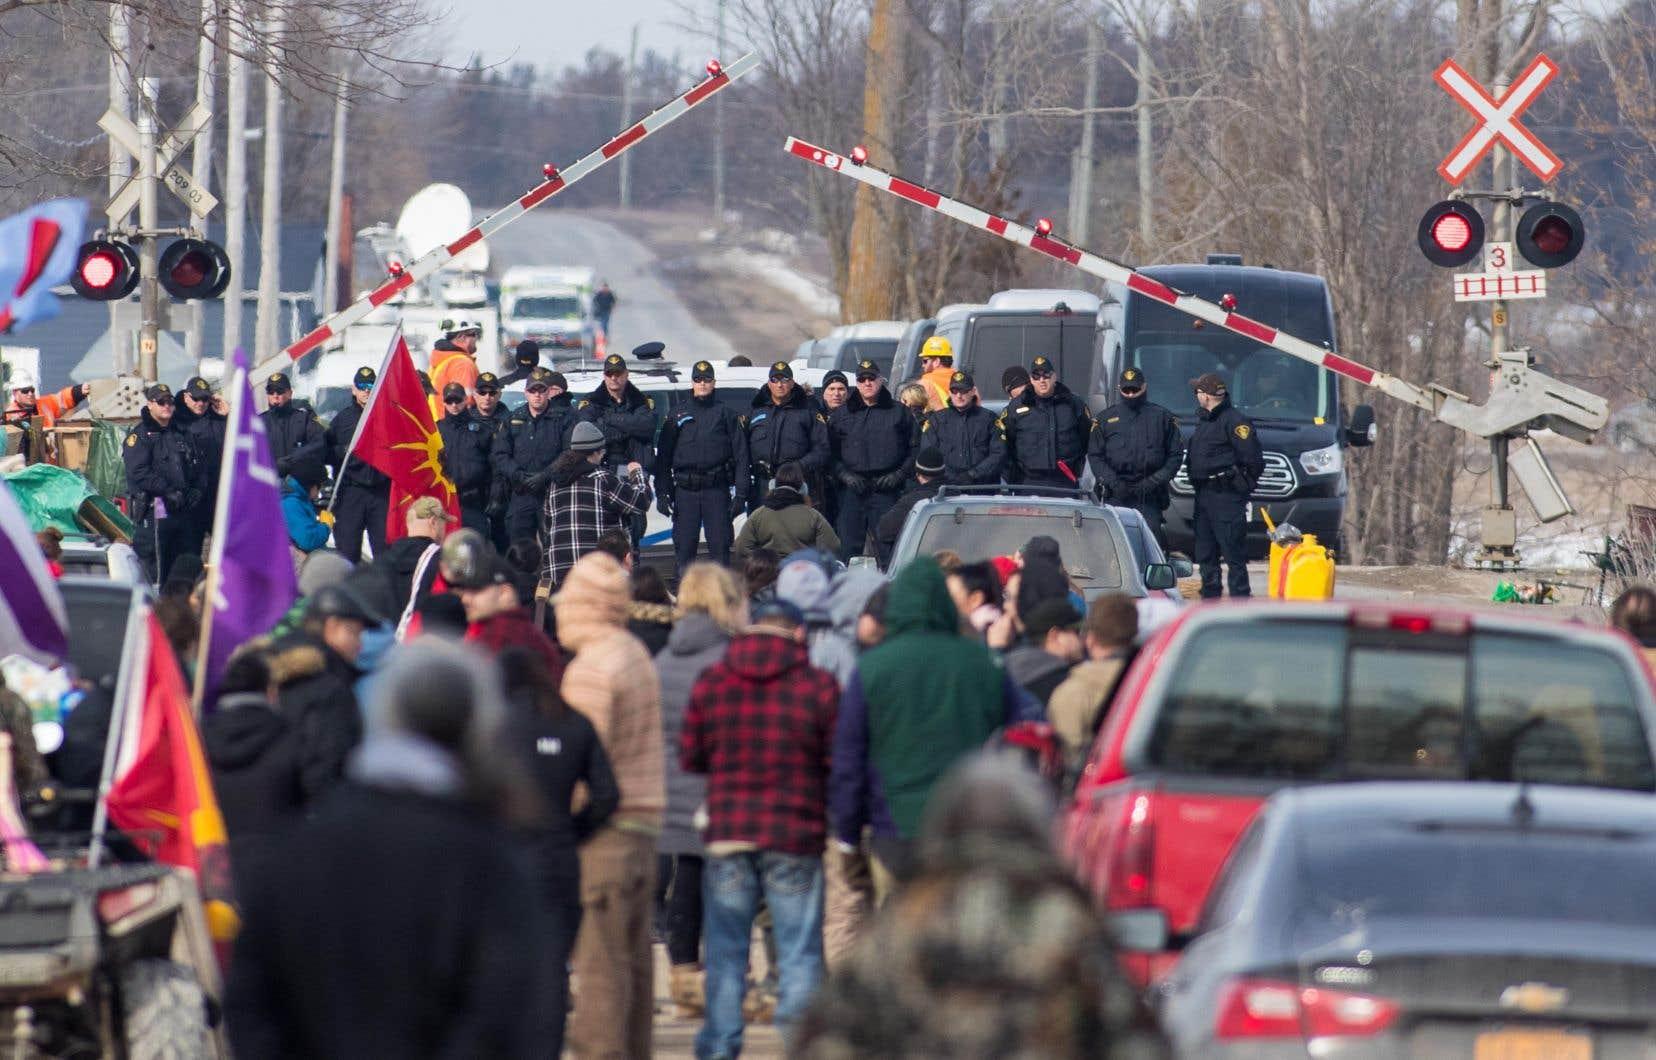 Les arrestations ont eu lieu quelques heures après que les manifestants ont ignoré l'ultimatum de minuit fixé par la police pour quitter leur campement.